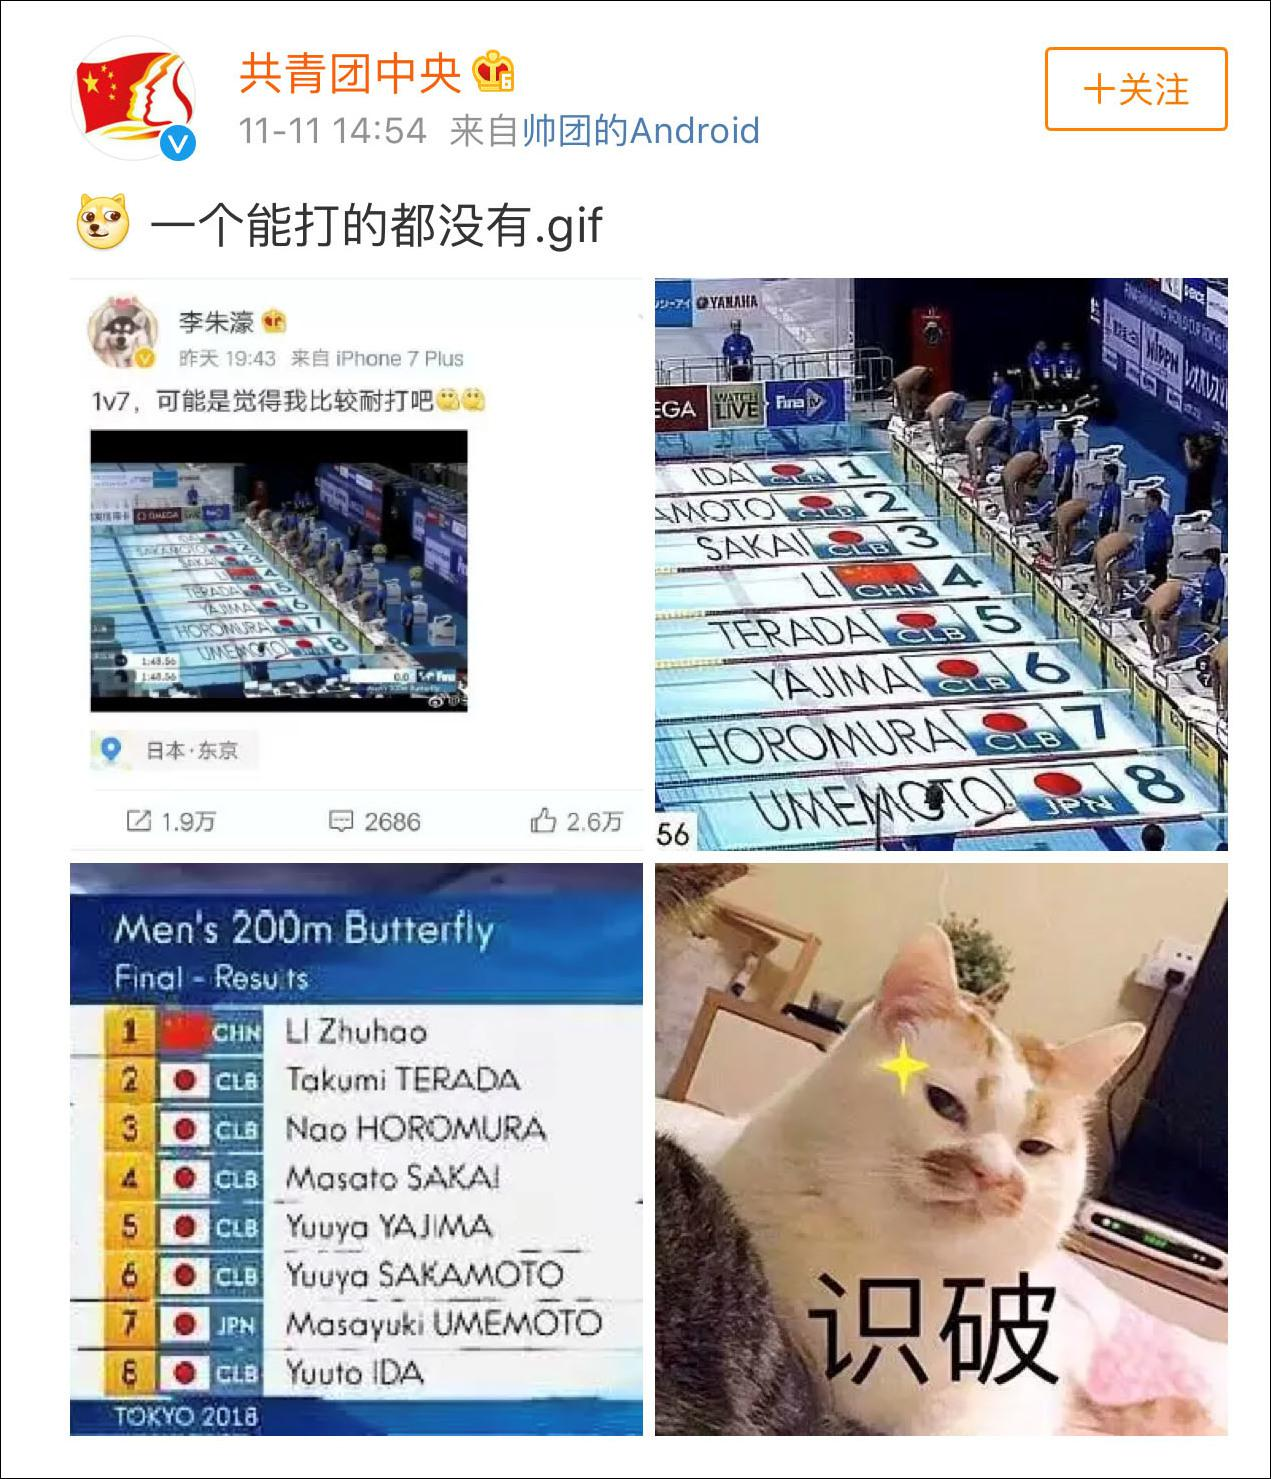 李朱濠1人单挑力压7位日本选手 夺得200米蝶泳冠军